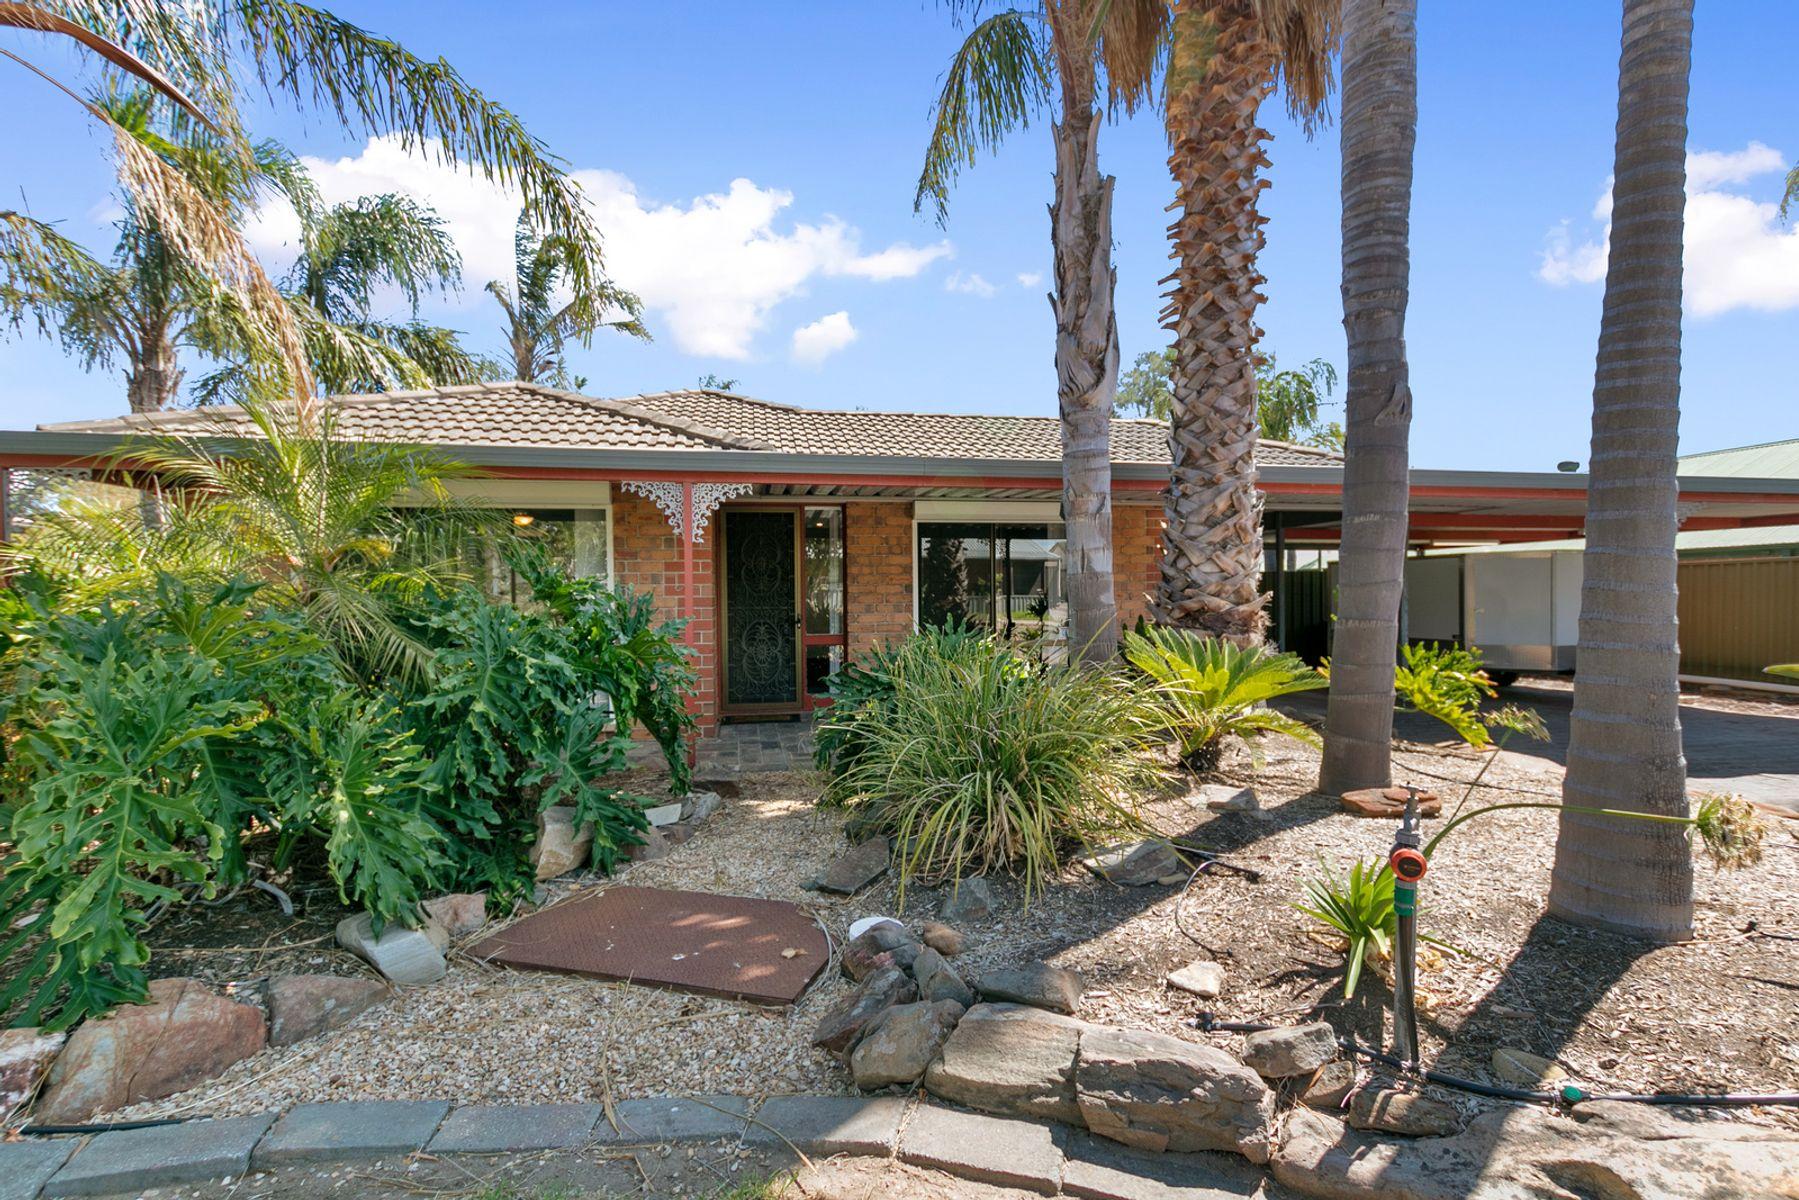 9 Evelyn Sturt Drive, Willunga, SA 5172